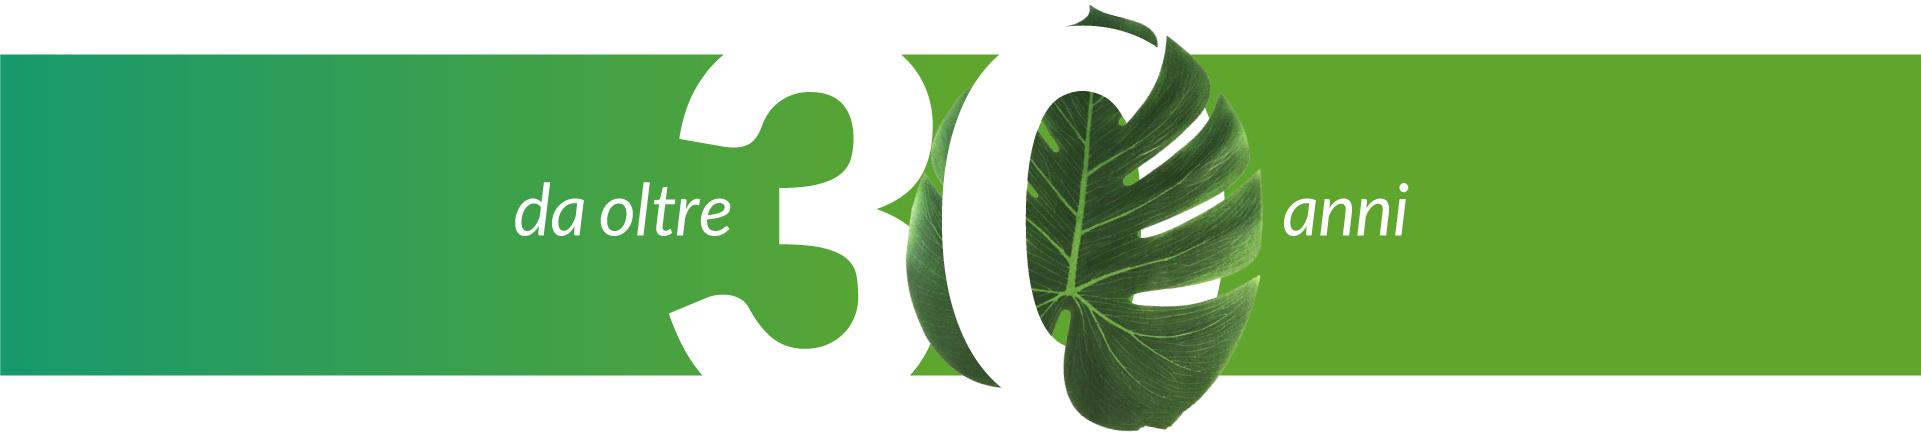 Anico - Packaging sostenibile da oltre 30 anni